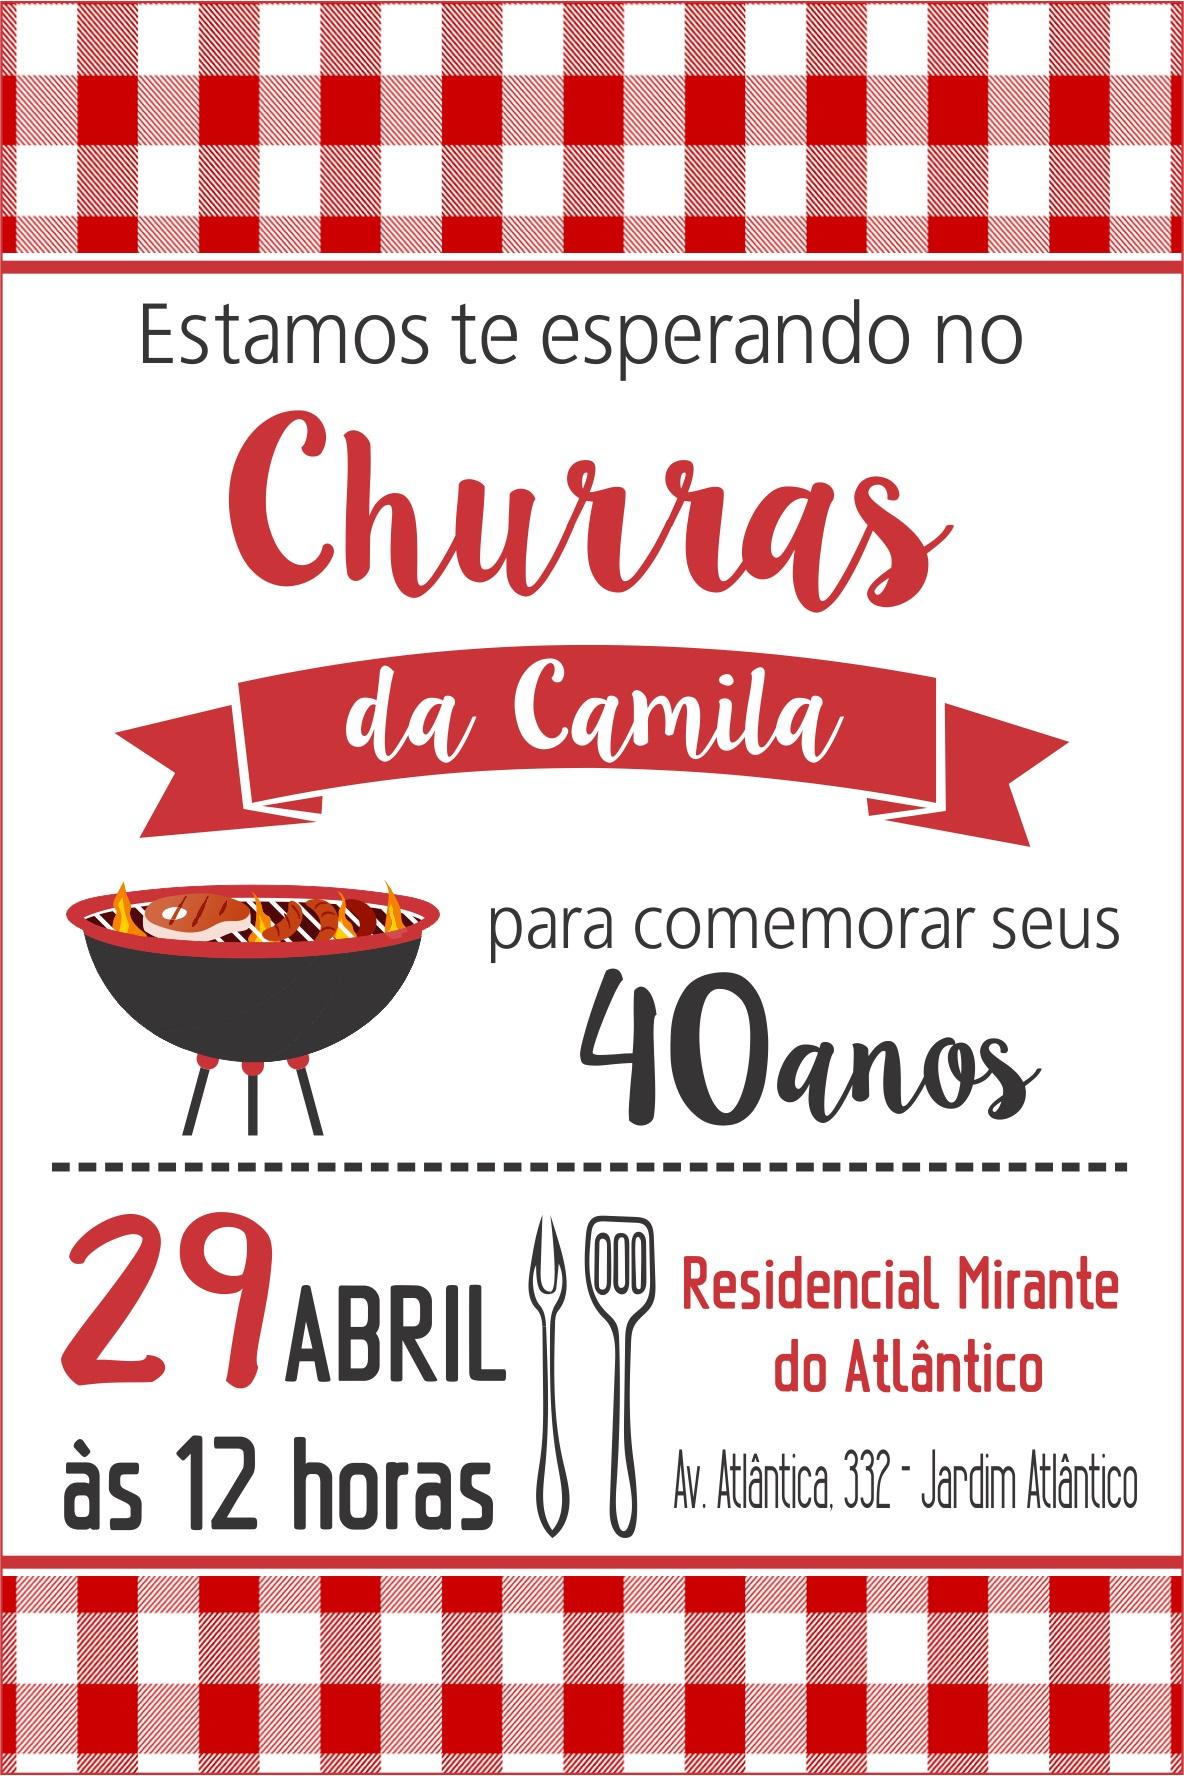 Arte Convite Churrasco Elo7